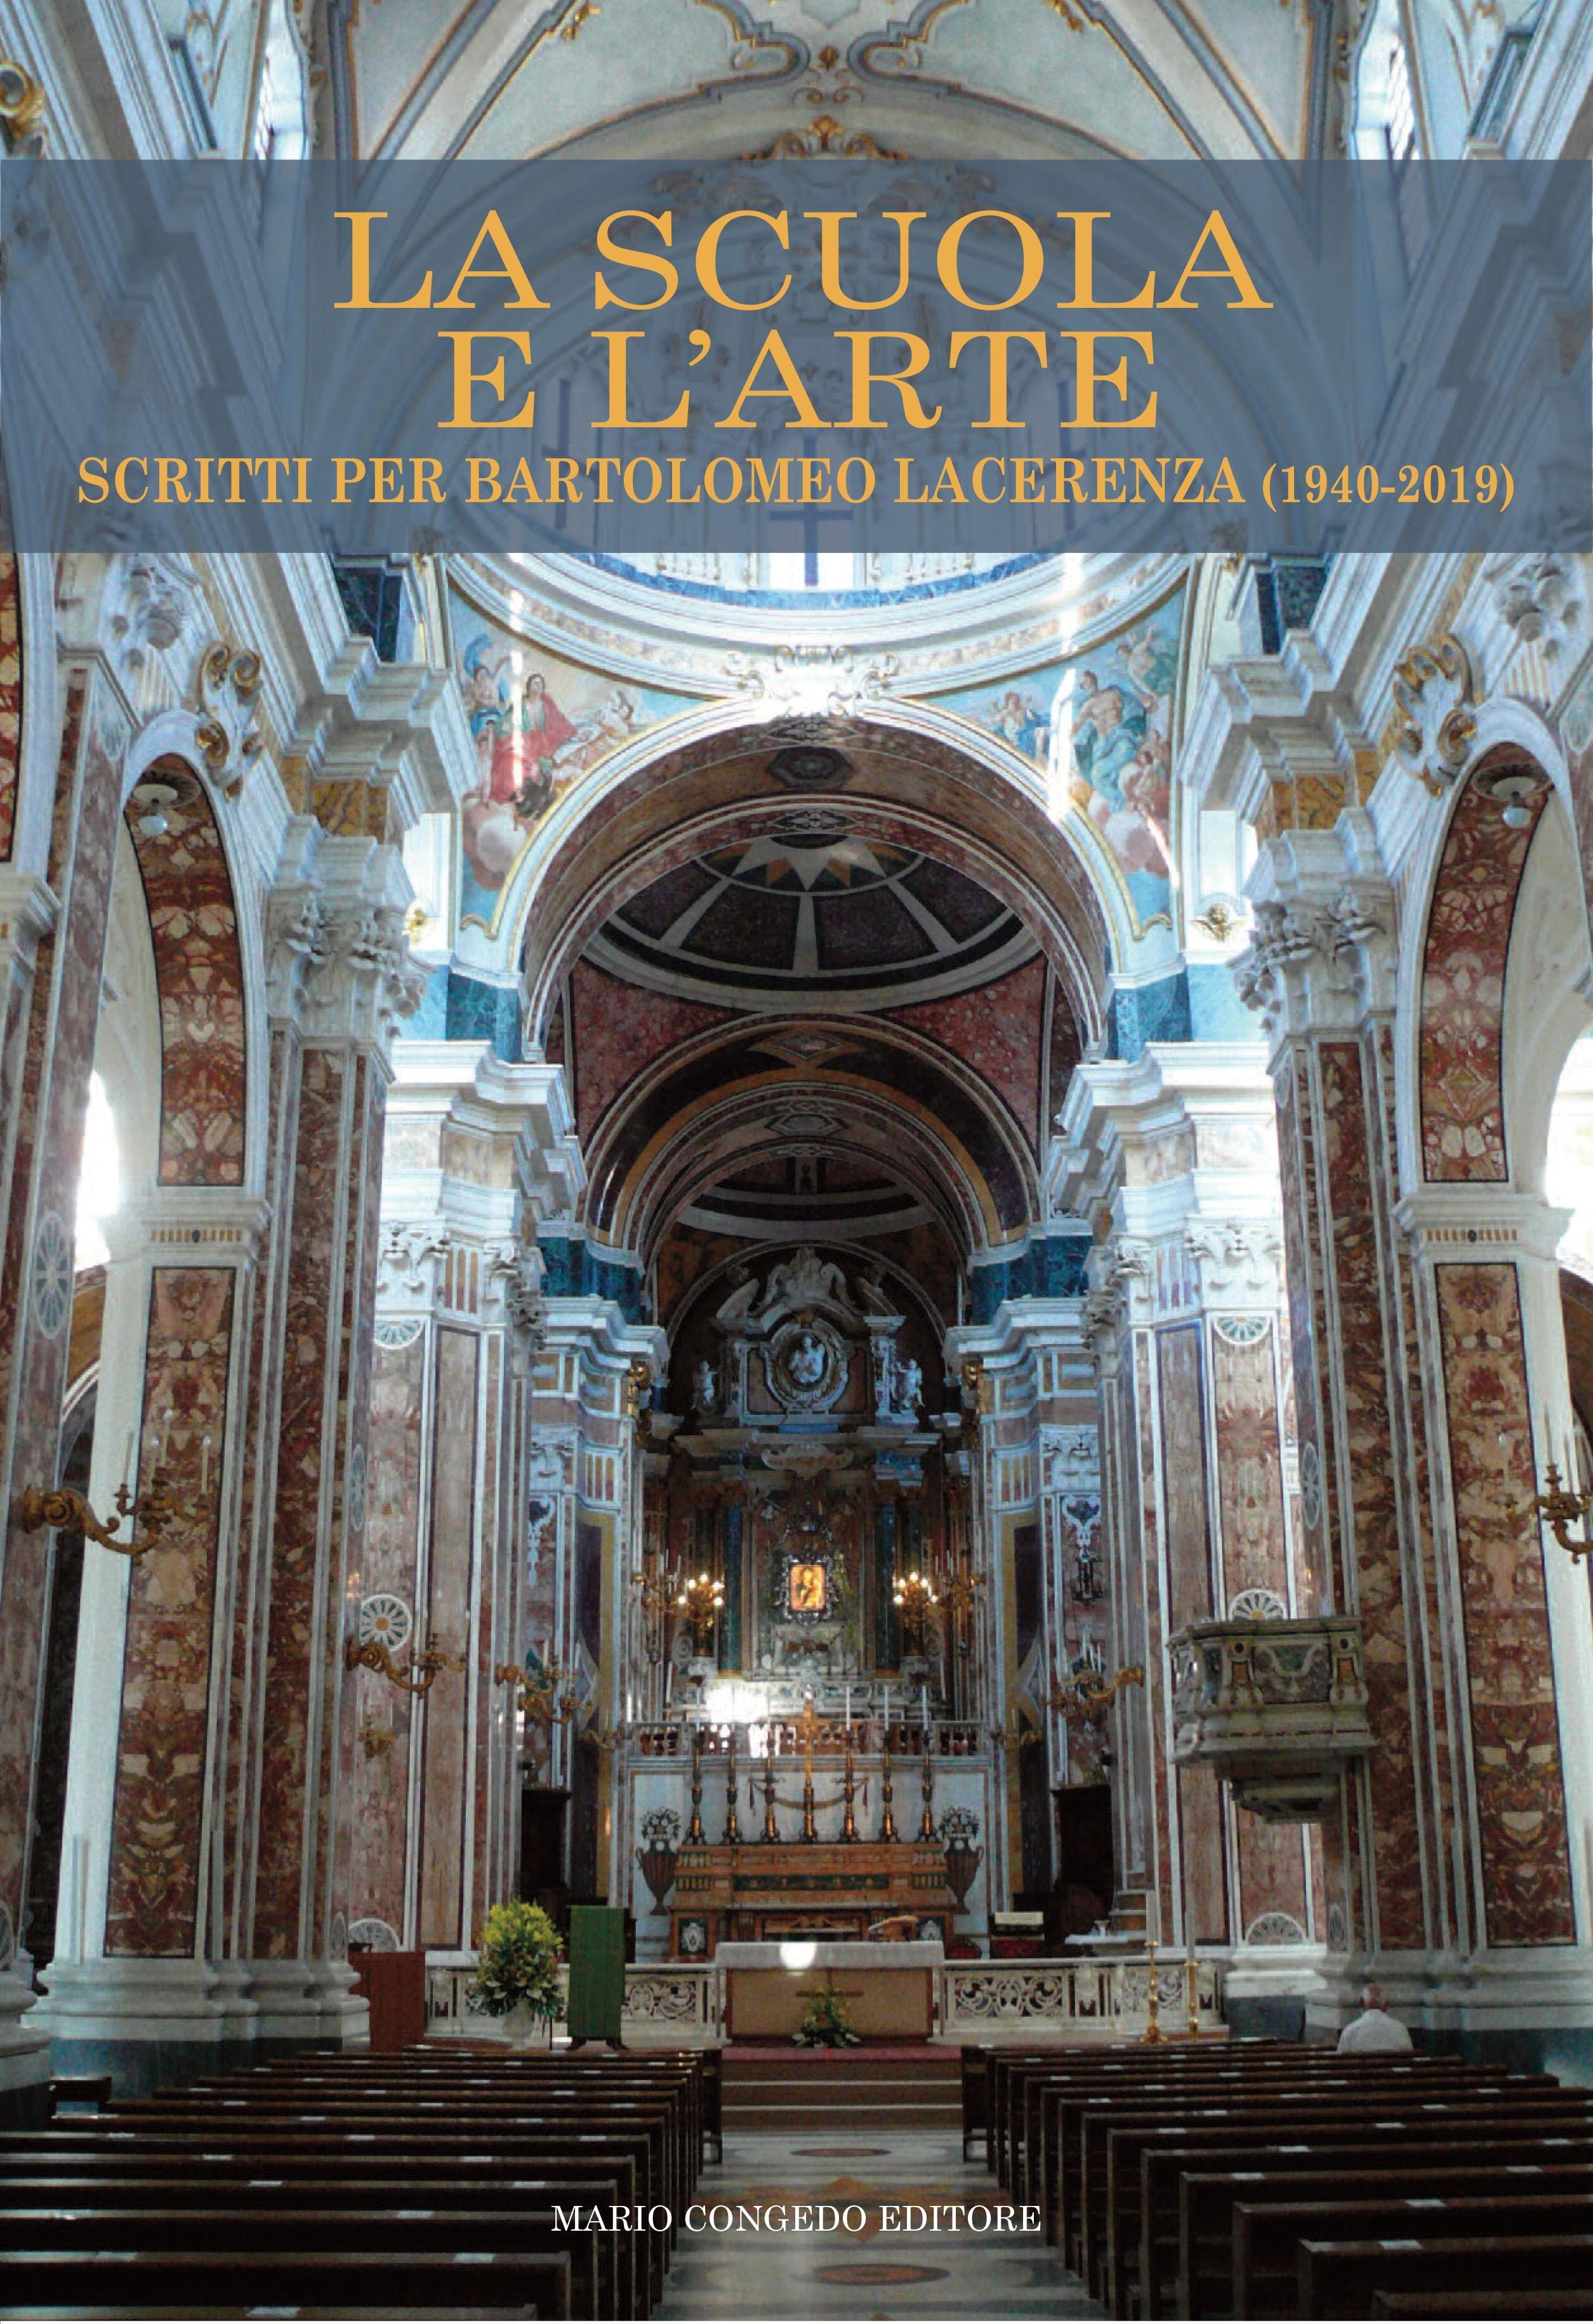 La Scuola e l'Arte. Scritti per Bartolomeo Lacerenza (1940-2019)